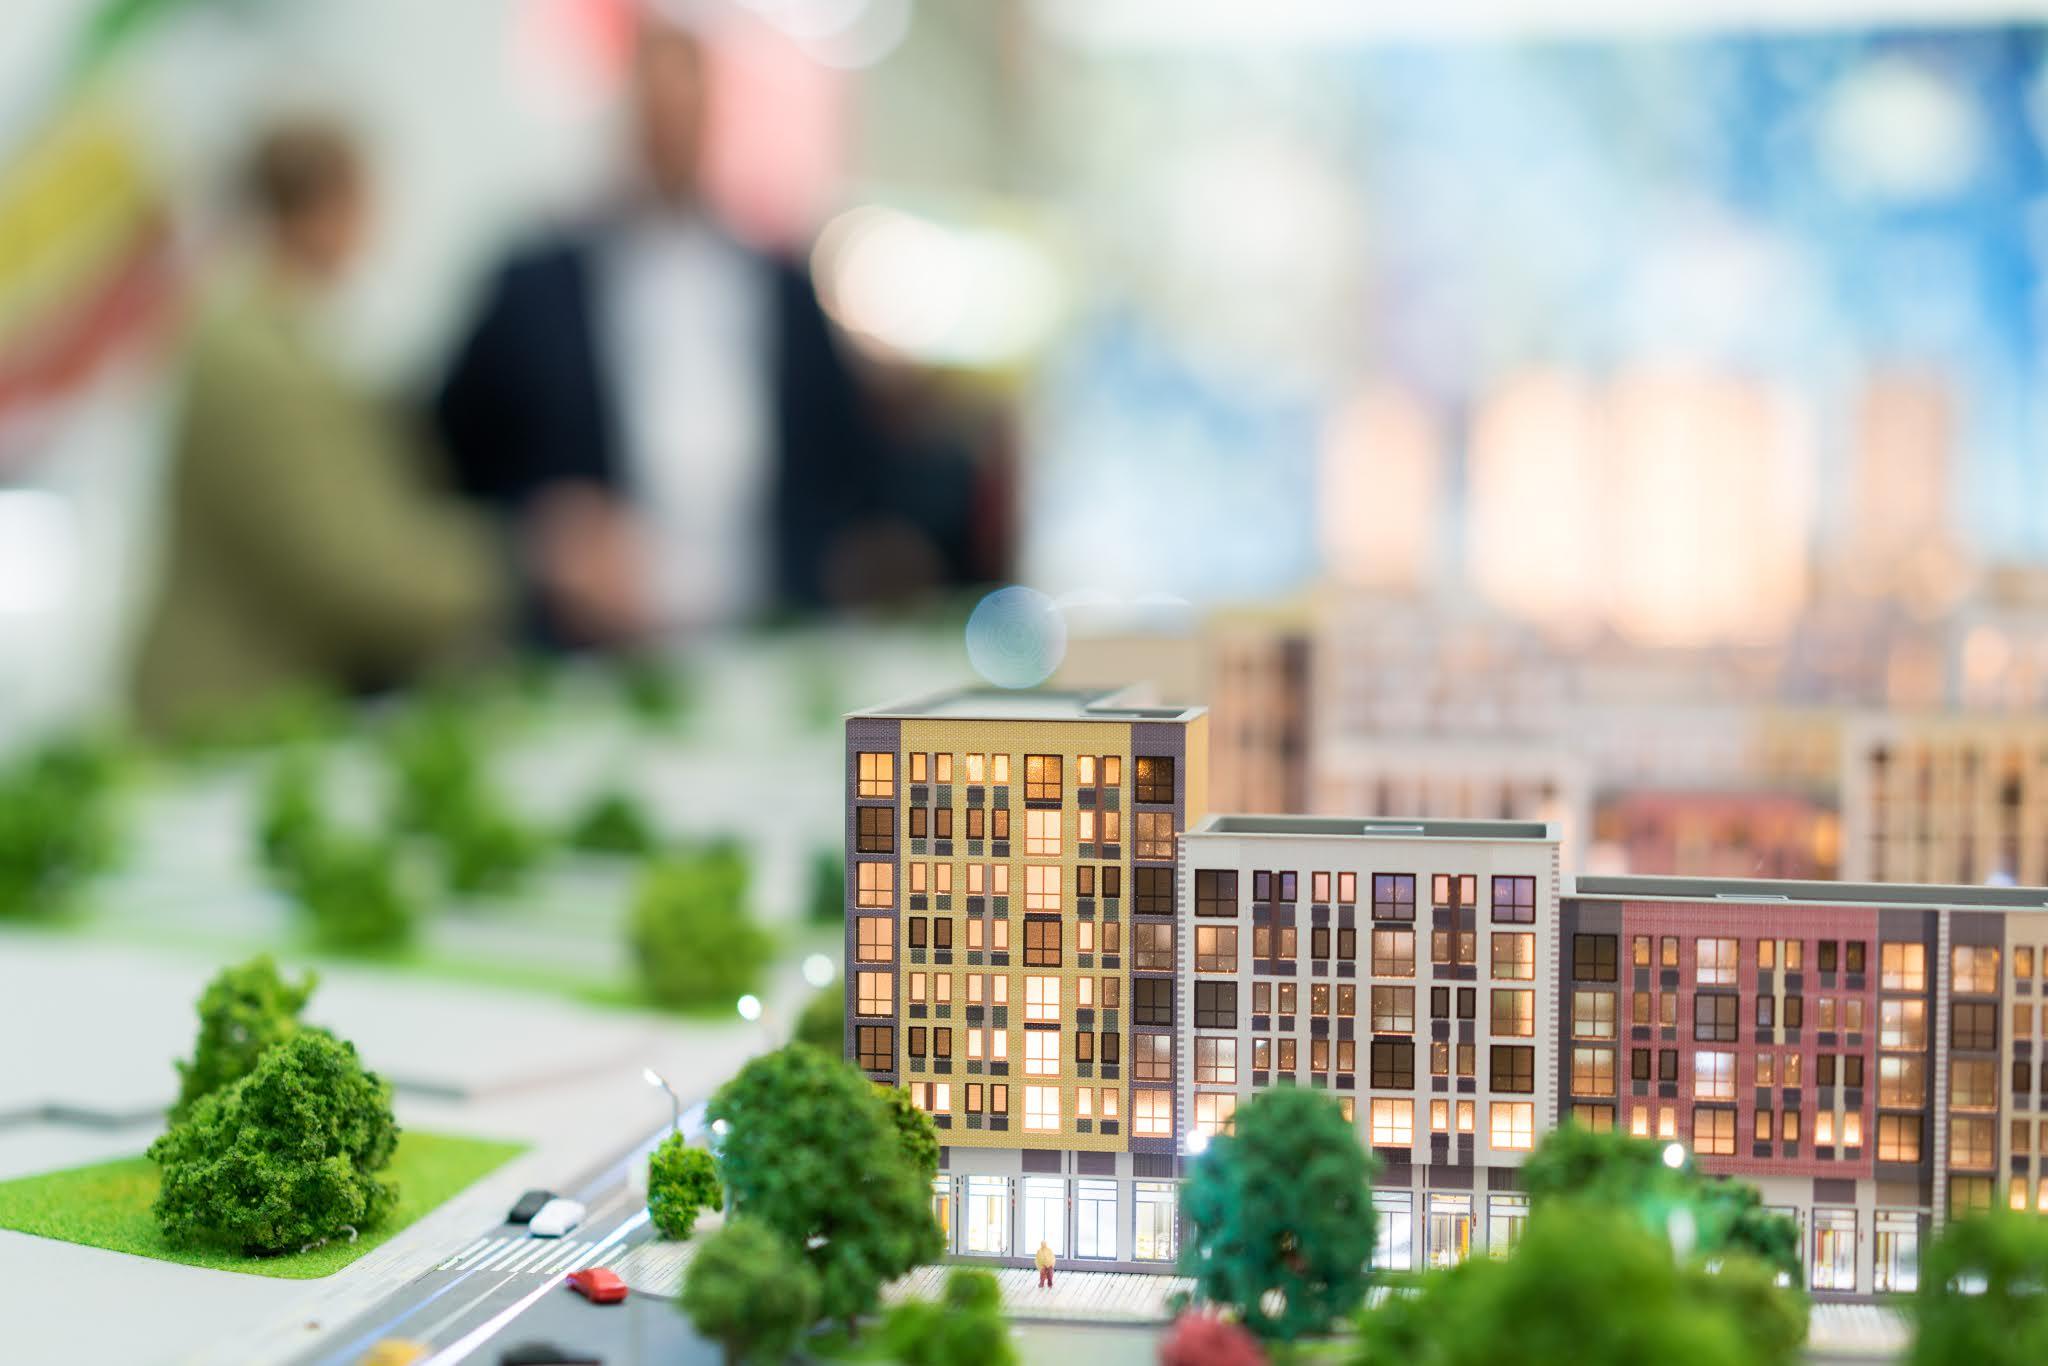 الرئيس السيسي يتابع الموقف الإنشائي والهندسي لعدد من مشروعات الهيئة الهندسية